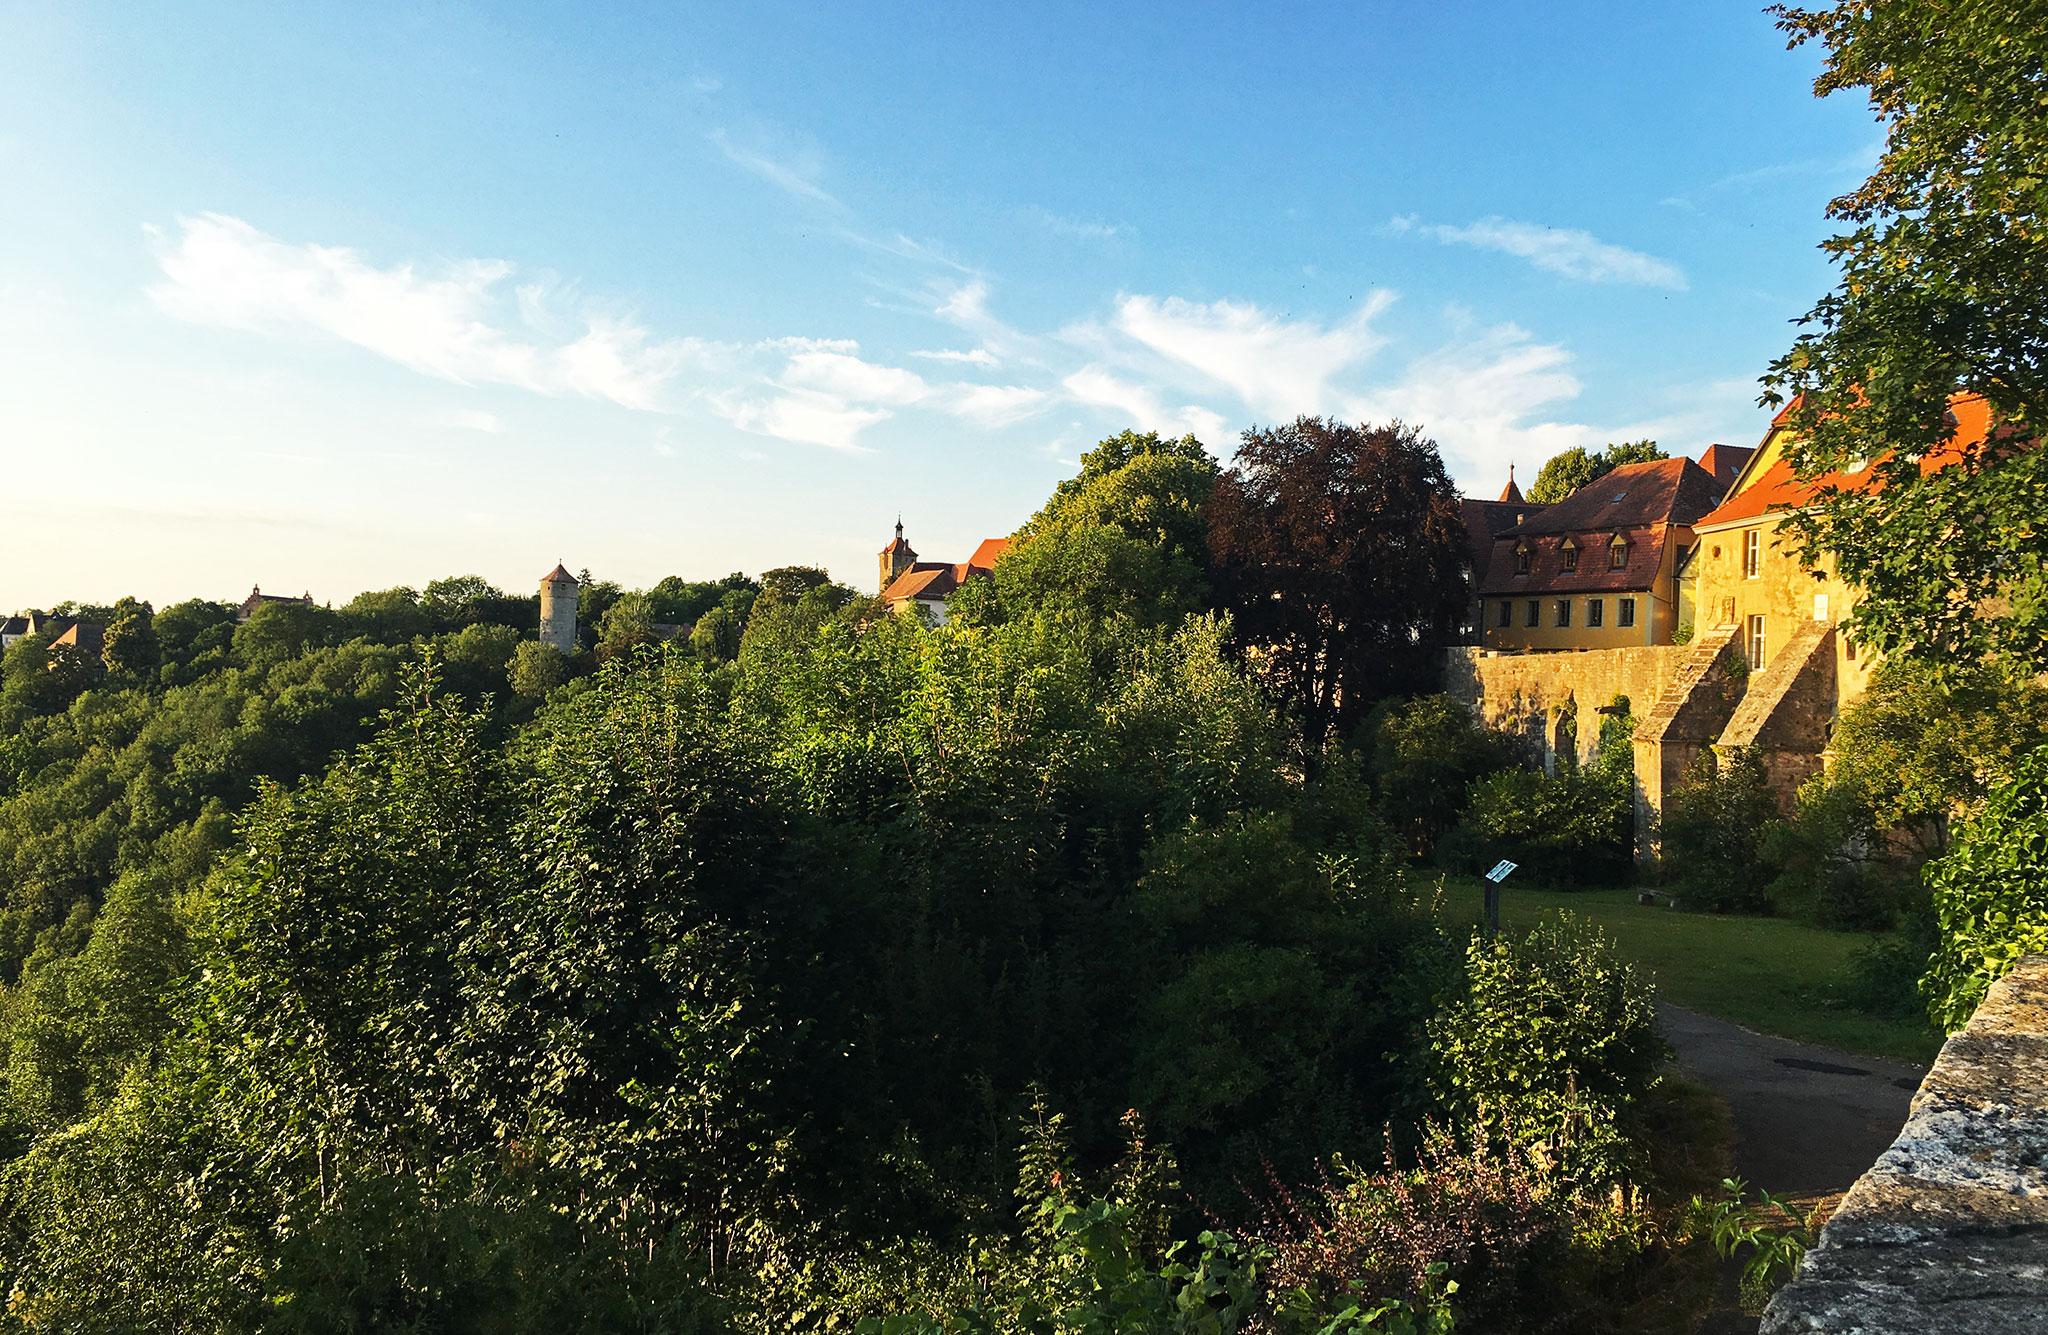 Rothenburg castle garden